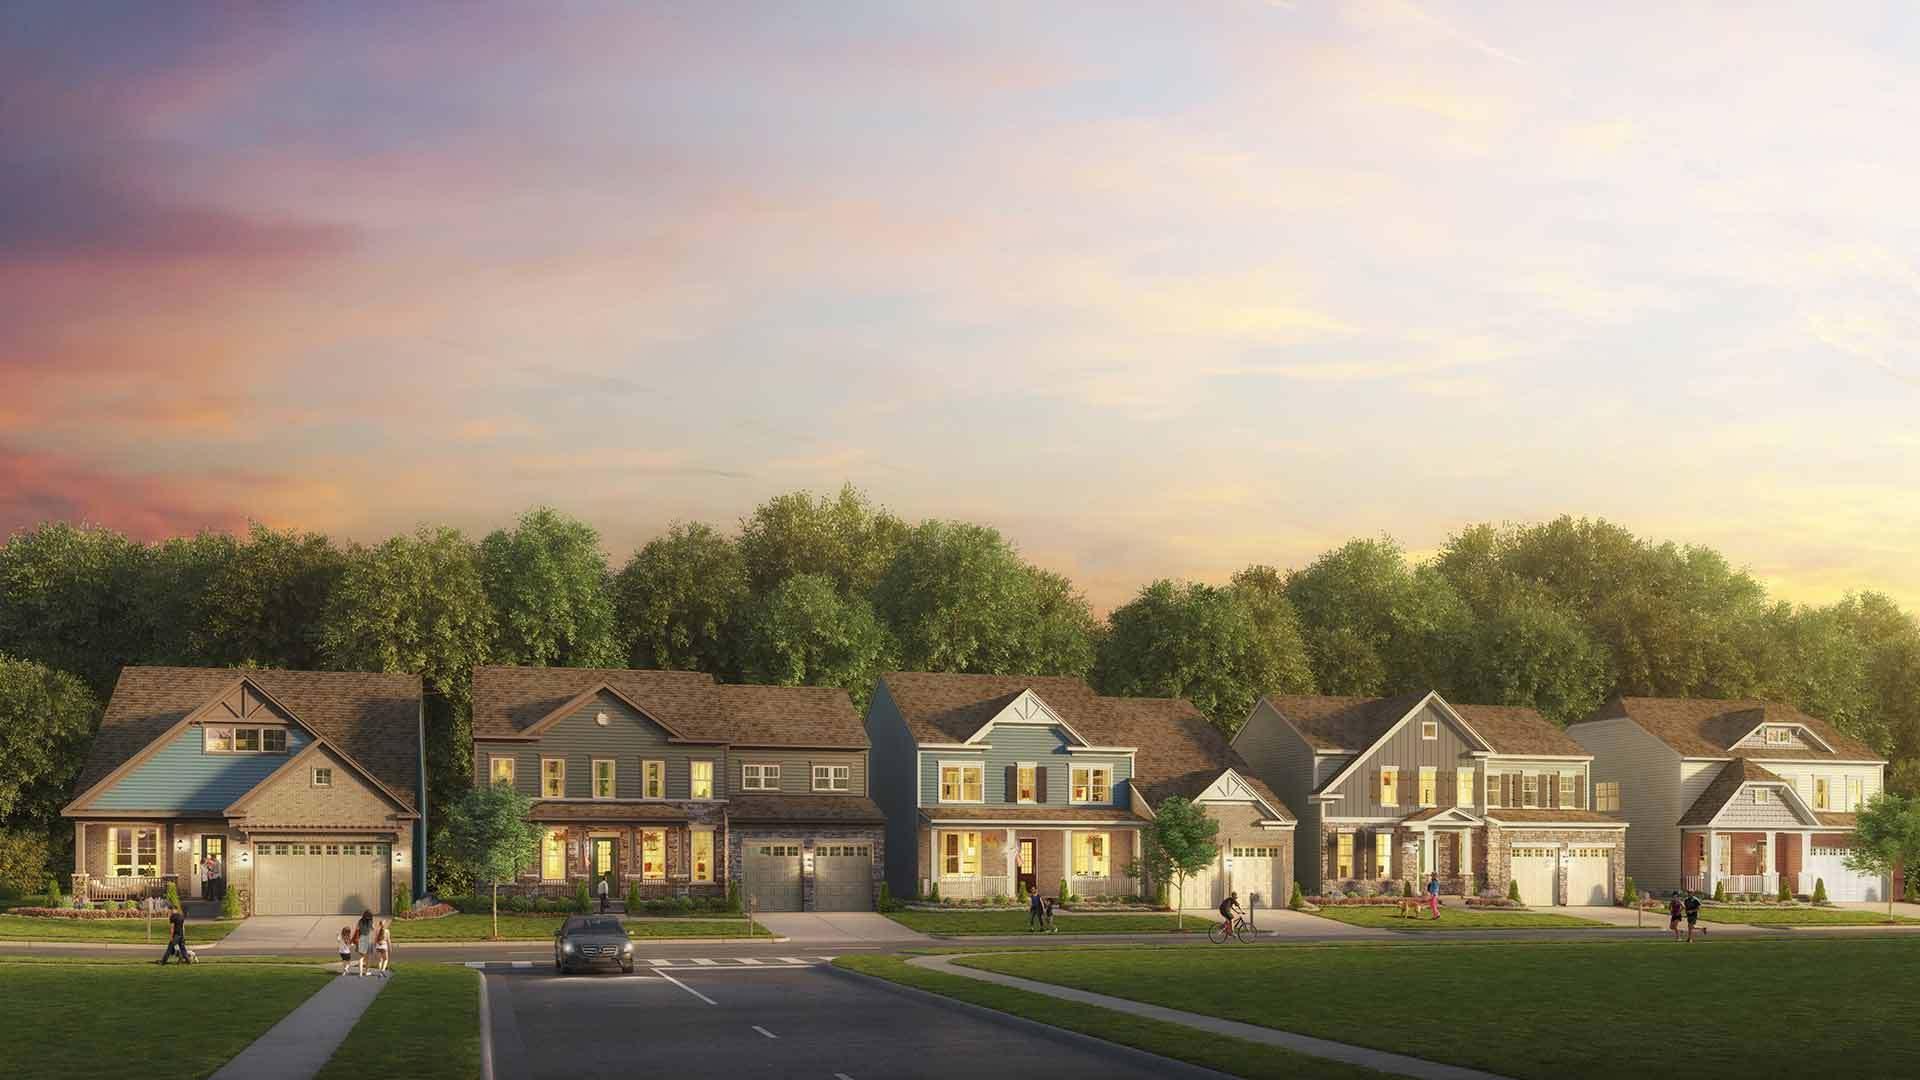 单亲家庭 为 销售 在 Randall 1128 White Clover Lane Odenton, Maryland 21113 United States